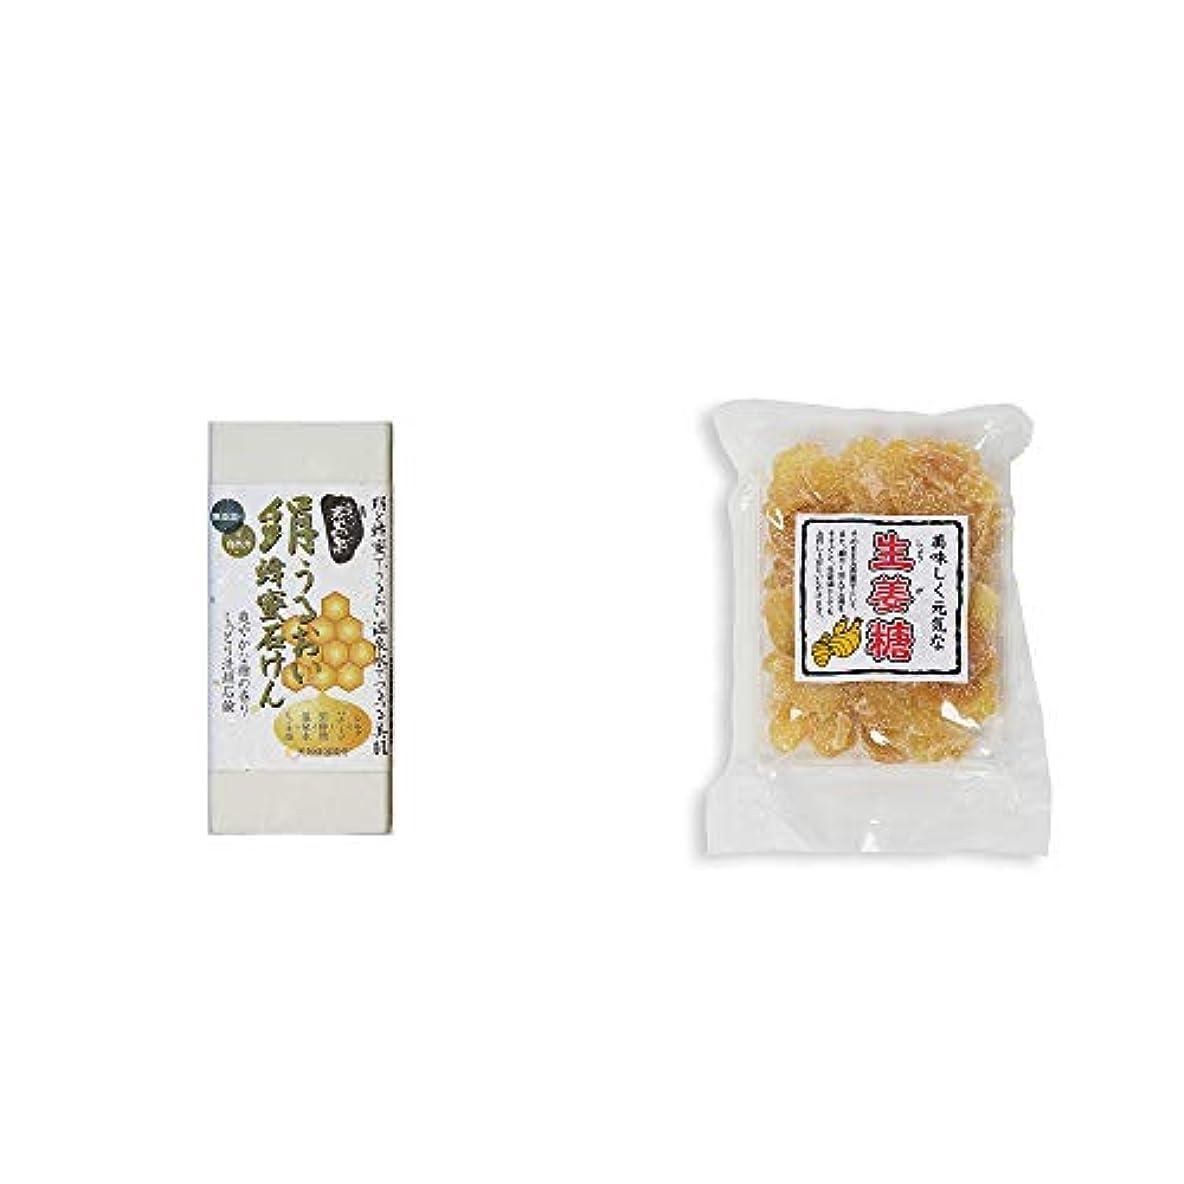 たっぷりくるみ着る[2点セット] ひのき炭黒泉 絹うるおい蜂蜜石けん(75g×2)?生姜糖(230g)